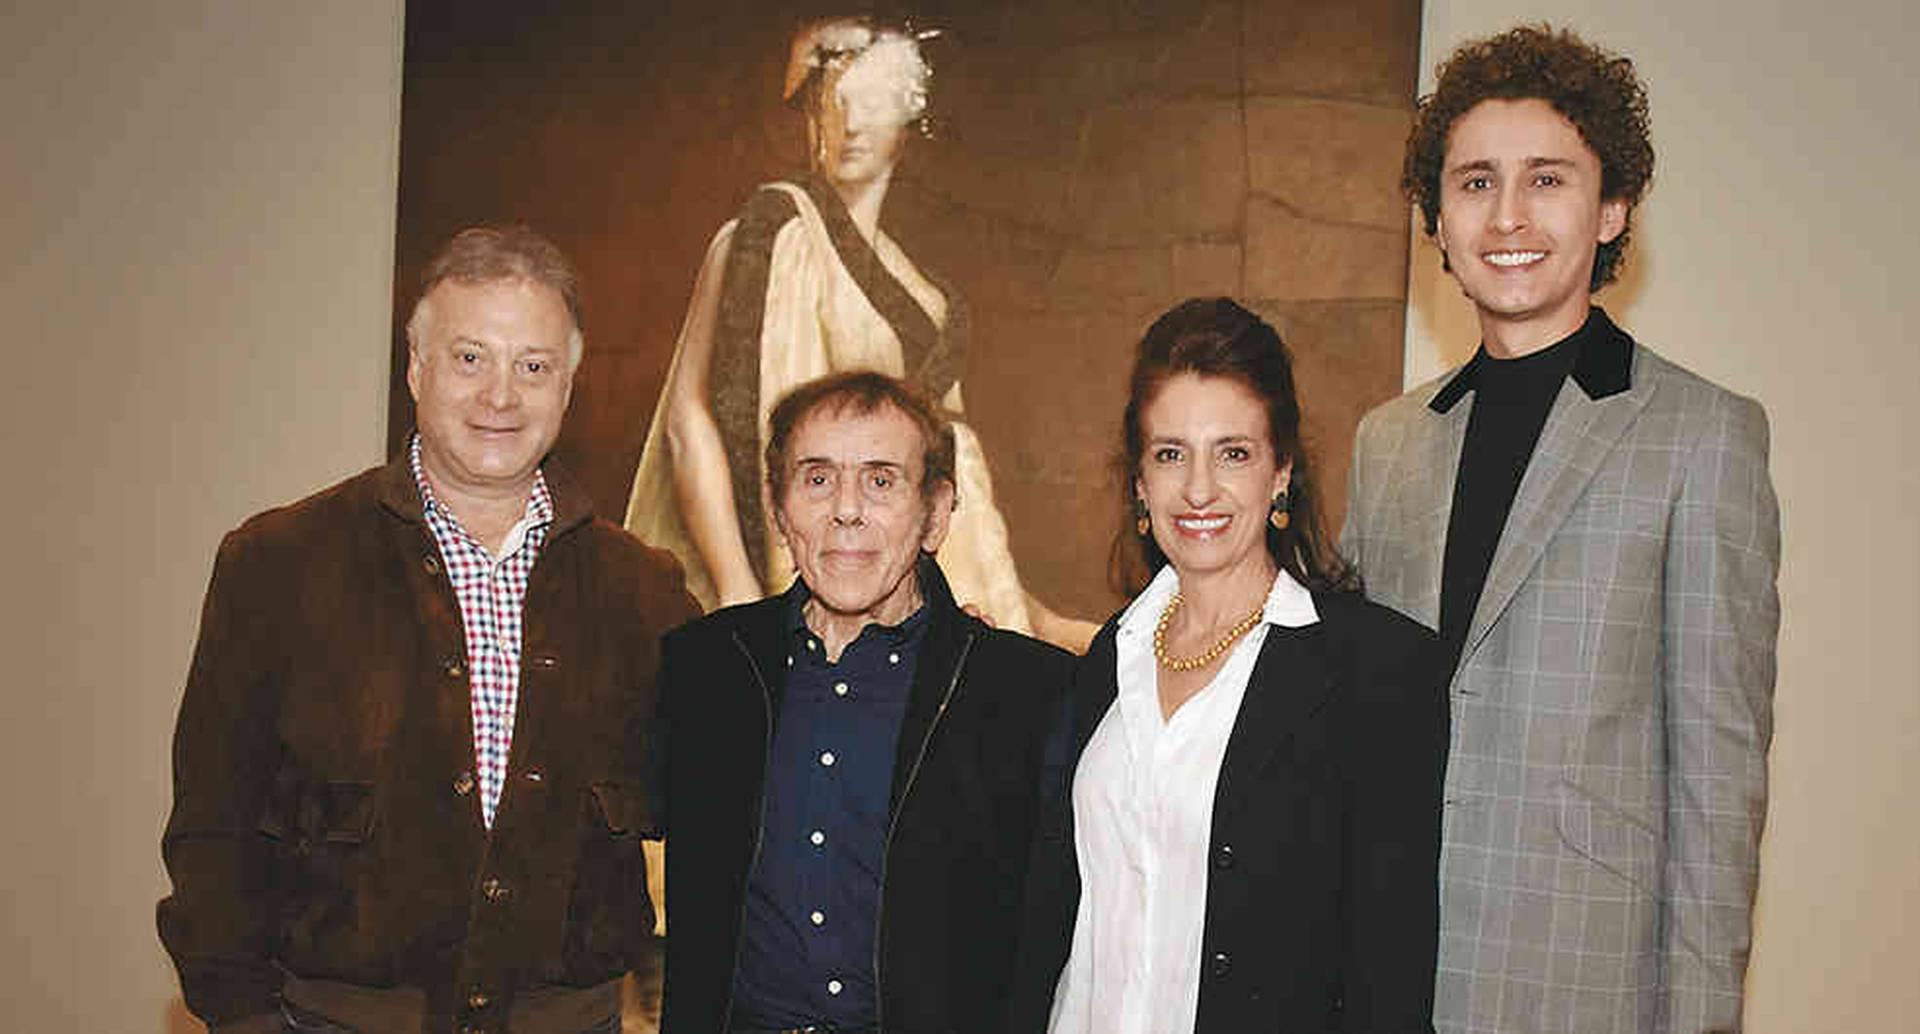 Felipe Grimberg, David Manzur, Claudia Hakim y Felipe Achury.